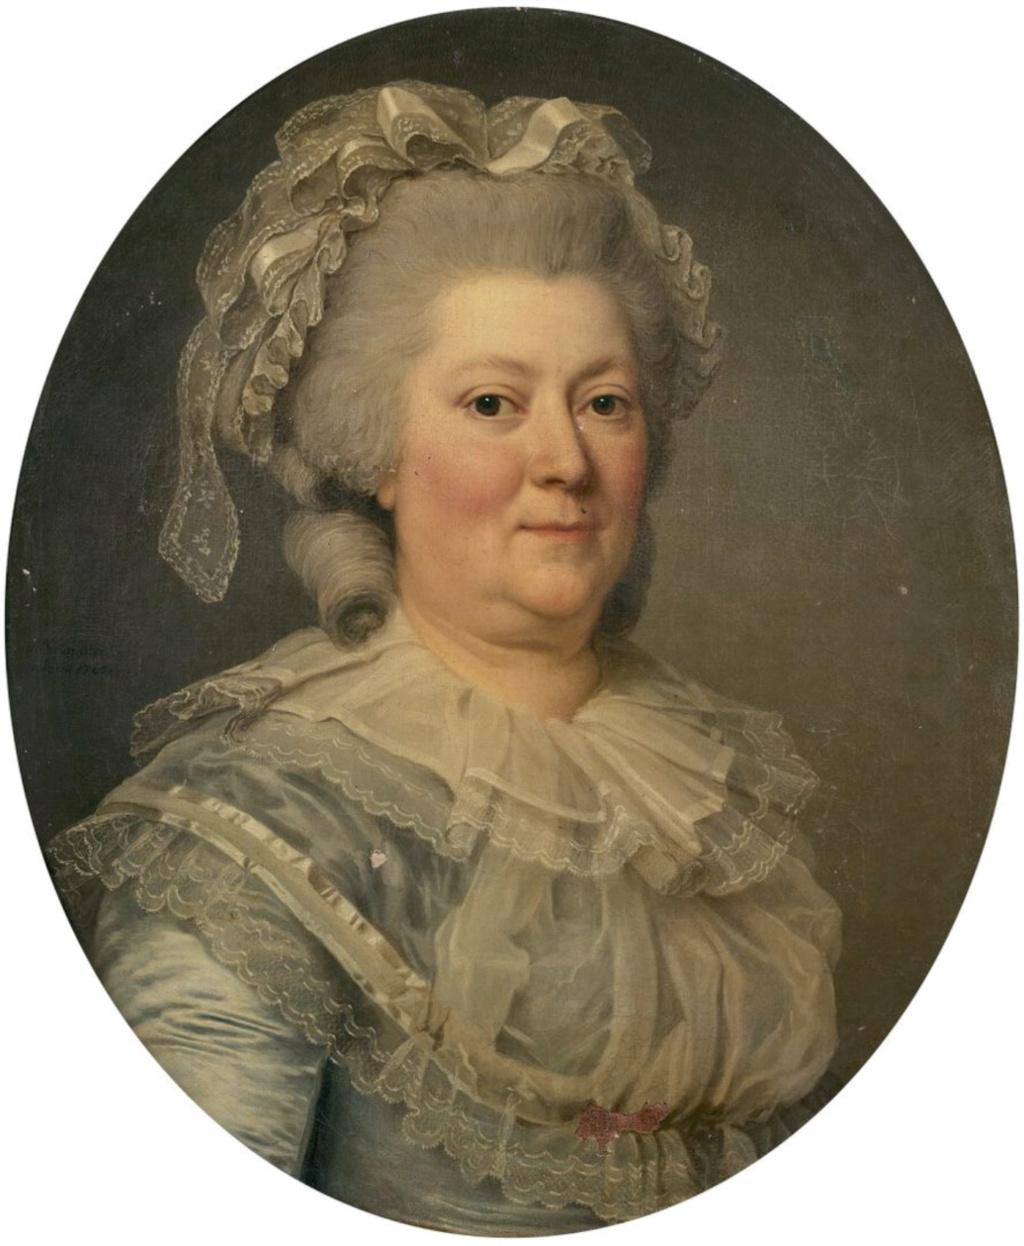 La famille de Madame Campan : Les Genet et Auguié Capt2641